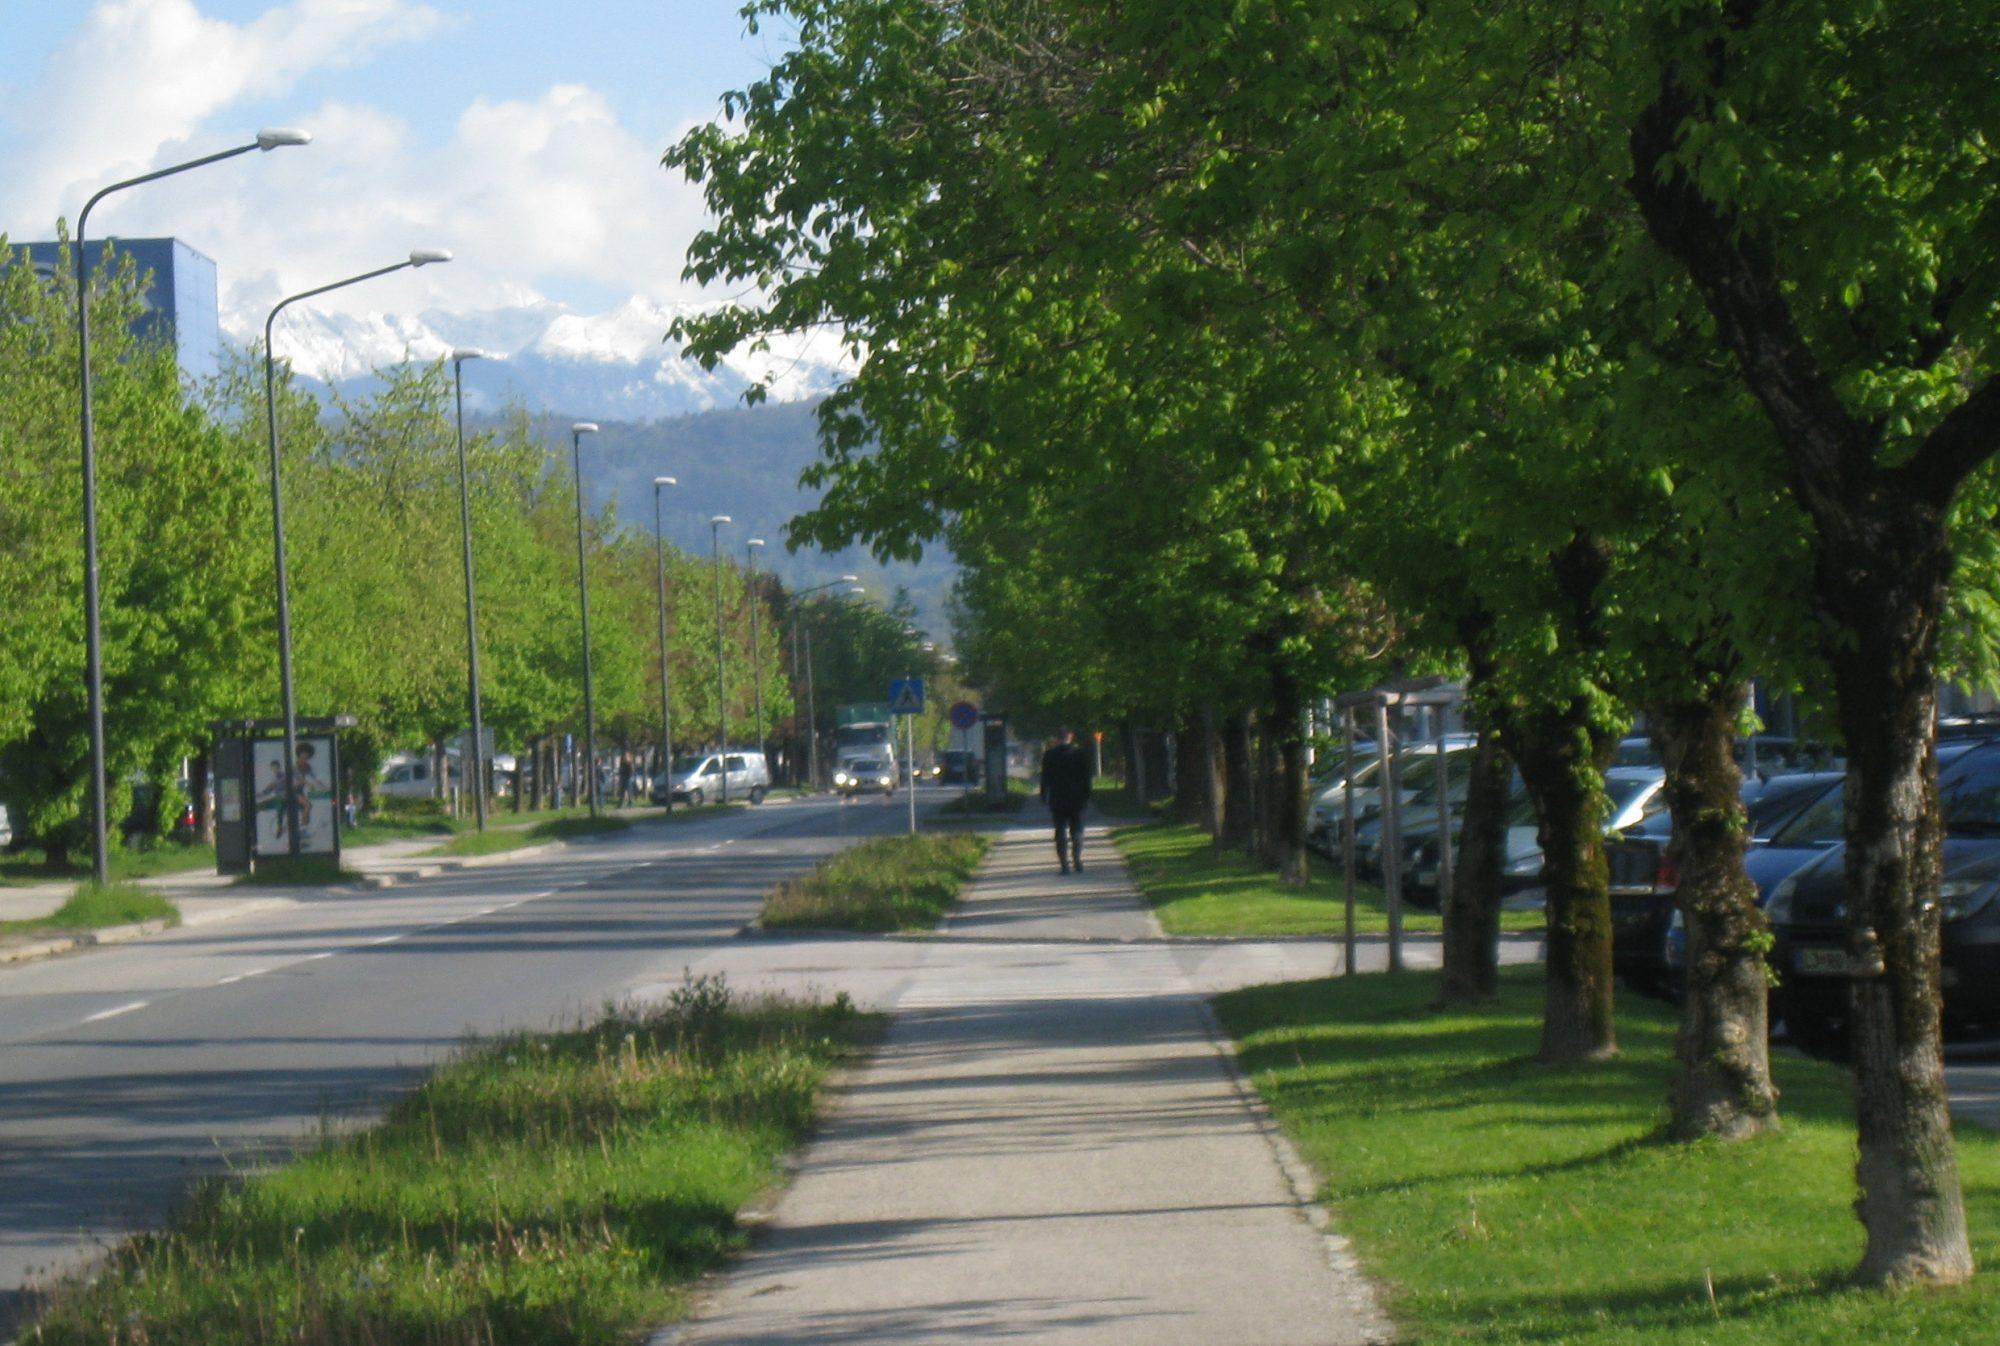 Prispevek drevja k hodljivosti mesta